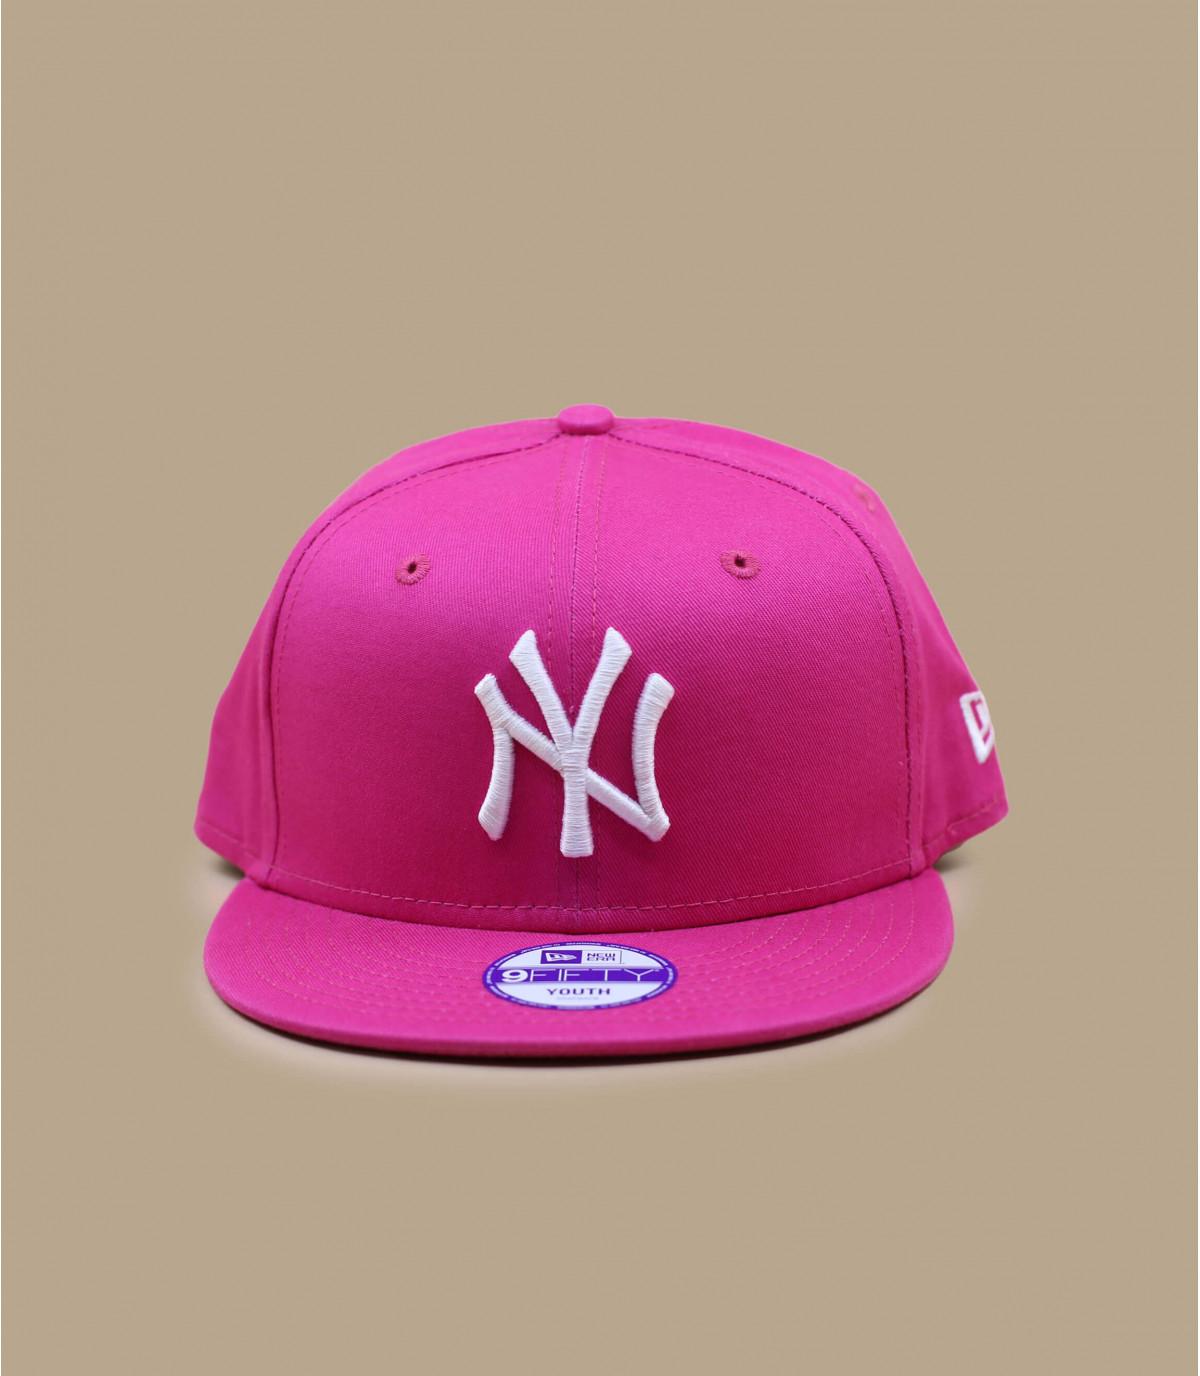 Snapback niño ny rosa